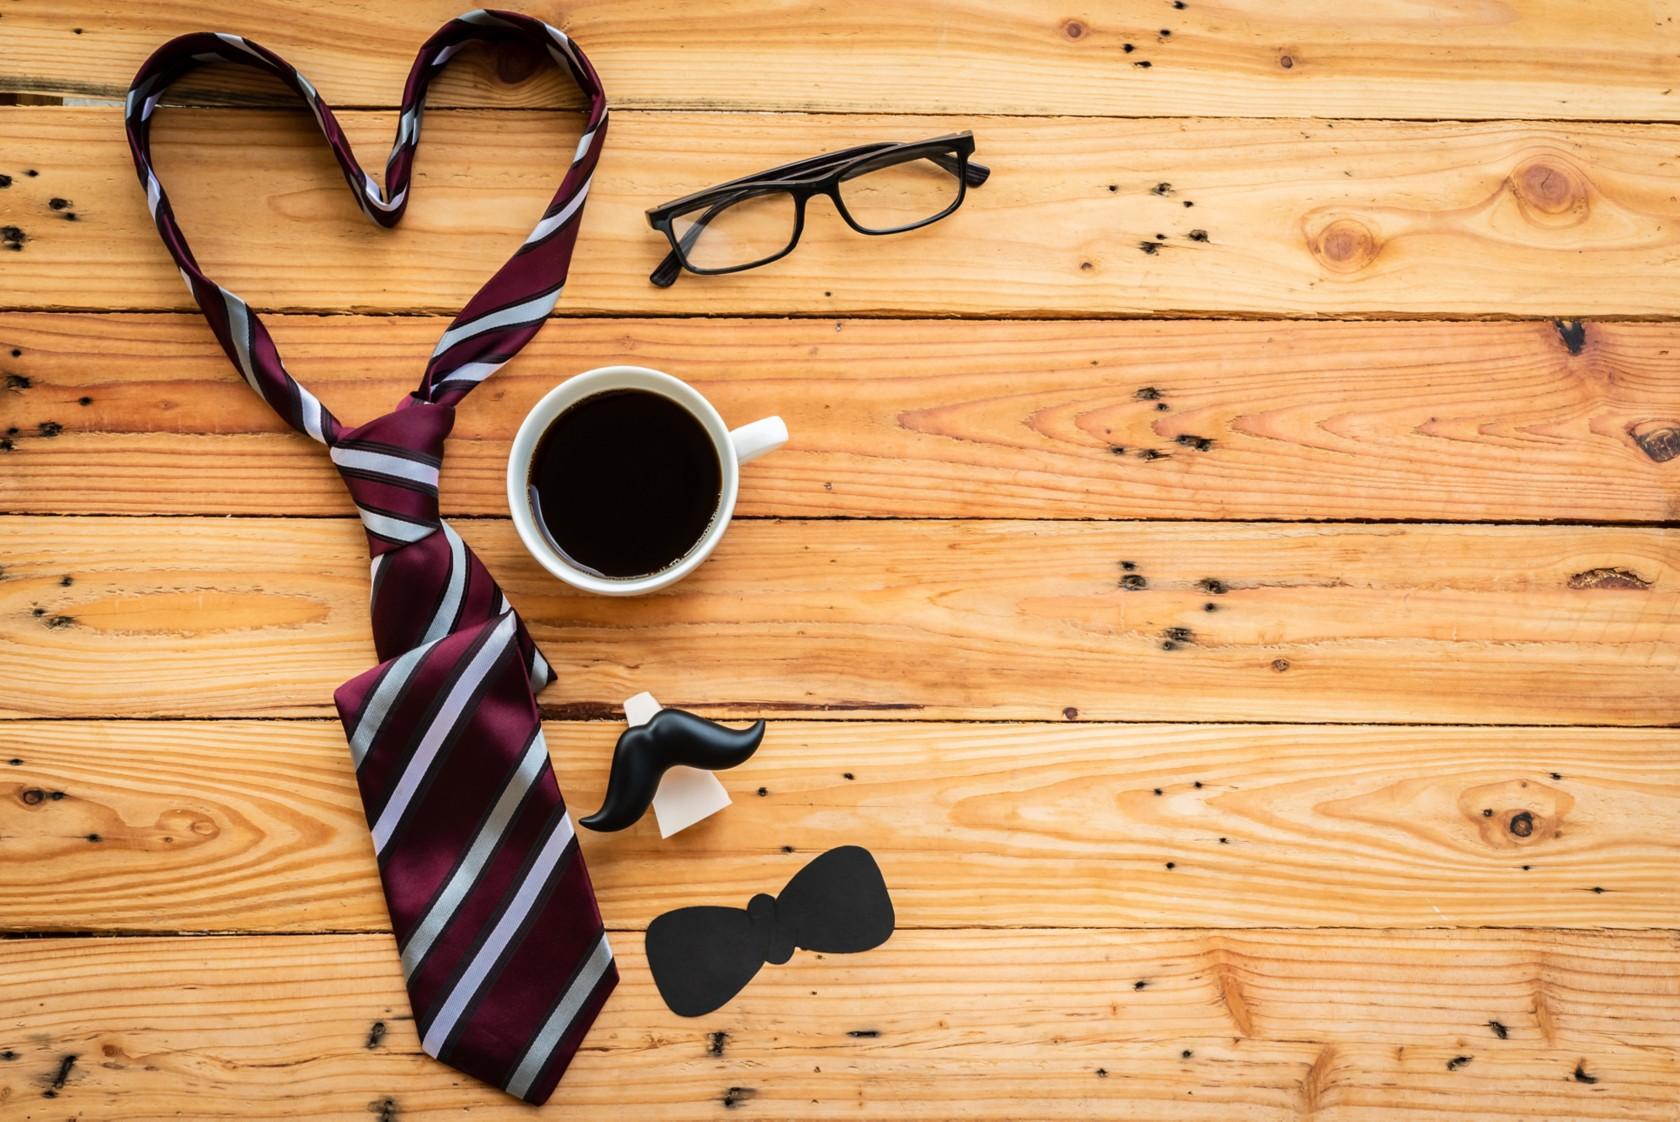 Krawatte reinigen, rote Krawatte liegt auf einem Holzboden